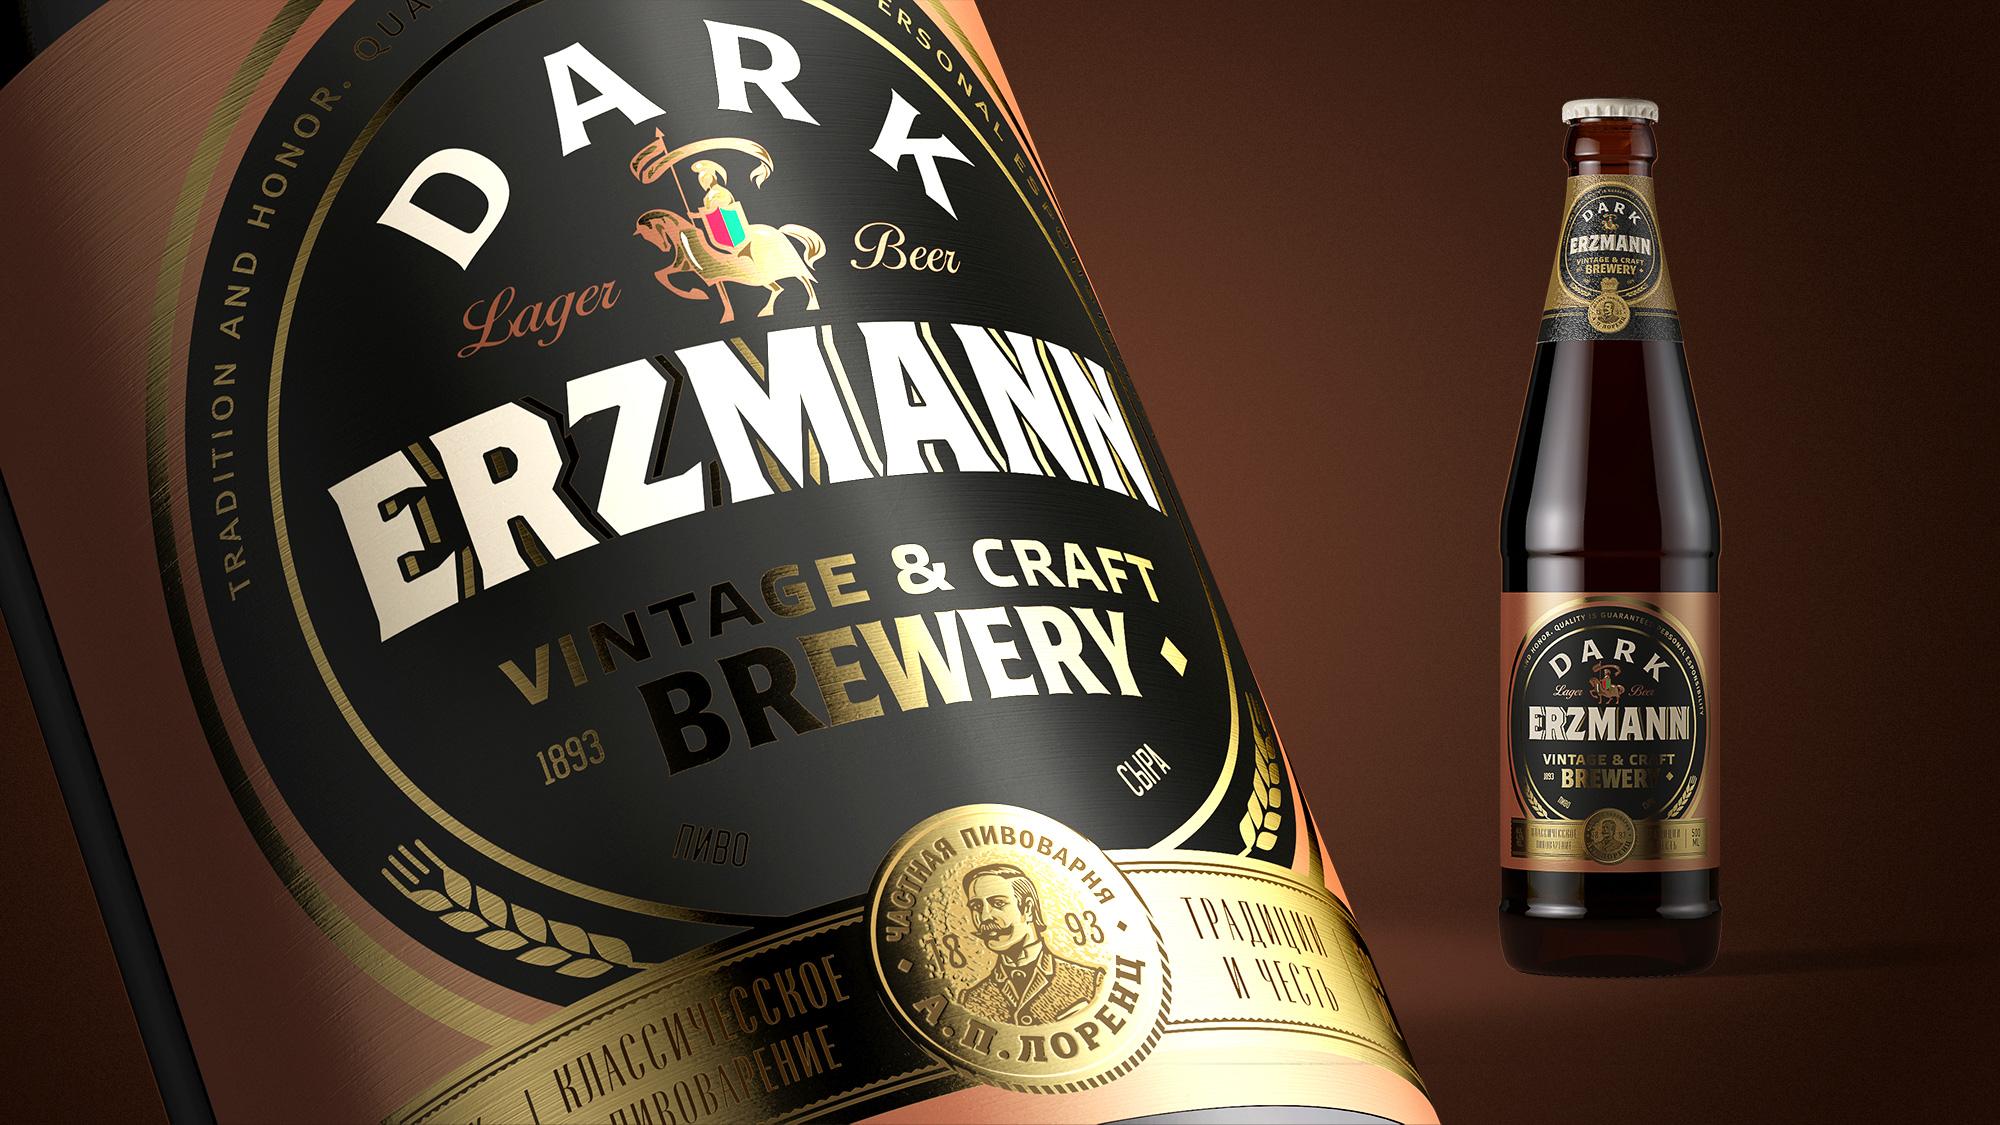 Так же был разработан логотип и серия фирменных иллюстраций. Свое отдельное визуальное оформление получили все серии пива Erzmann (Dark, Lager, Hop Fresh, Strong).